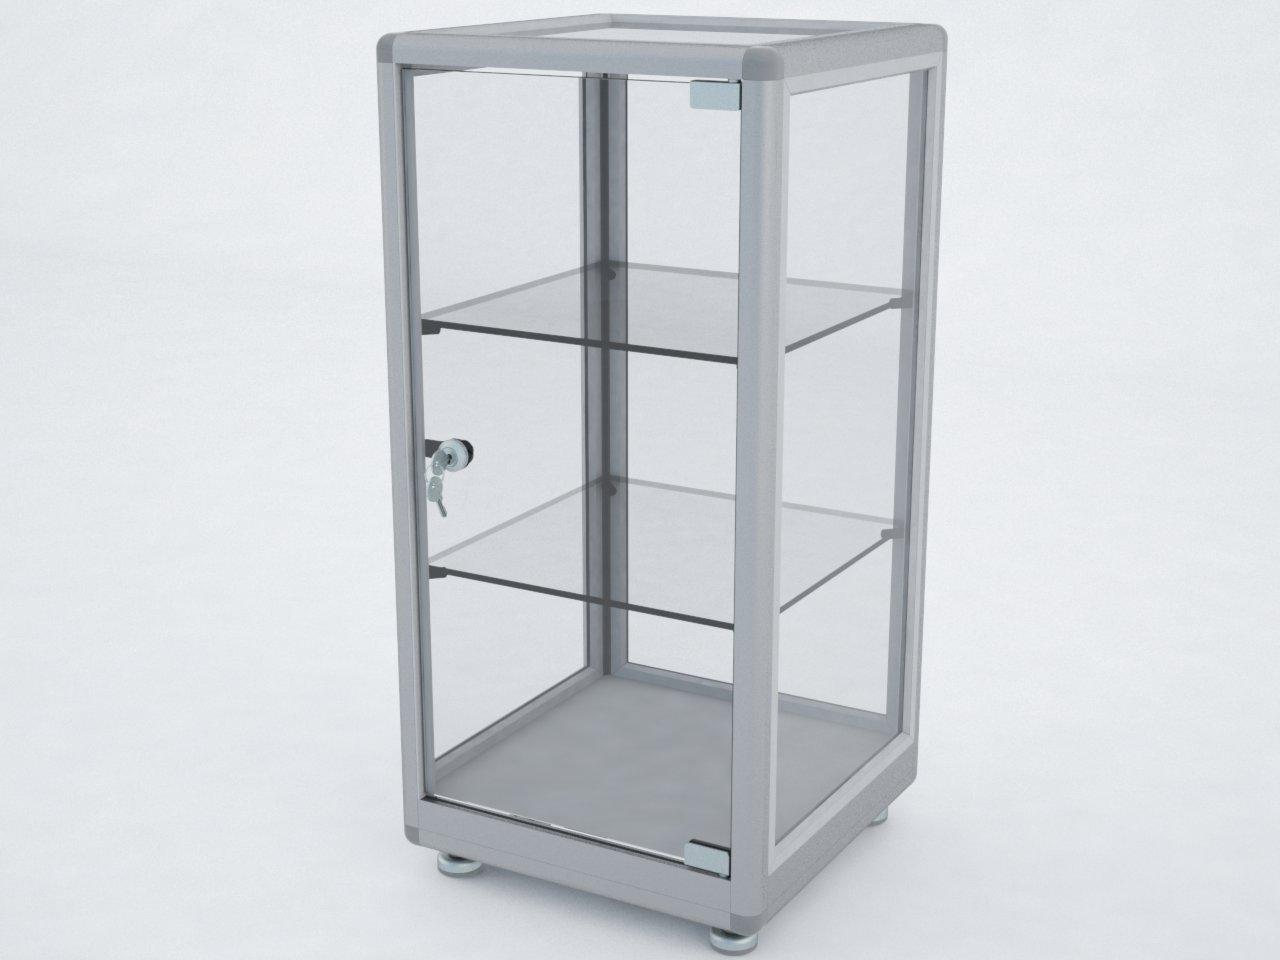 Exemplo de estrutura para vitrine com o perfil C100